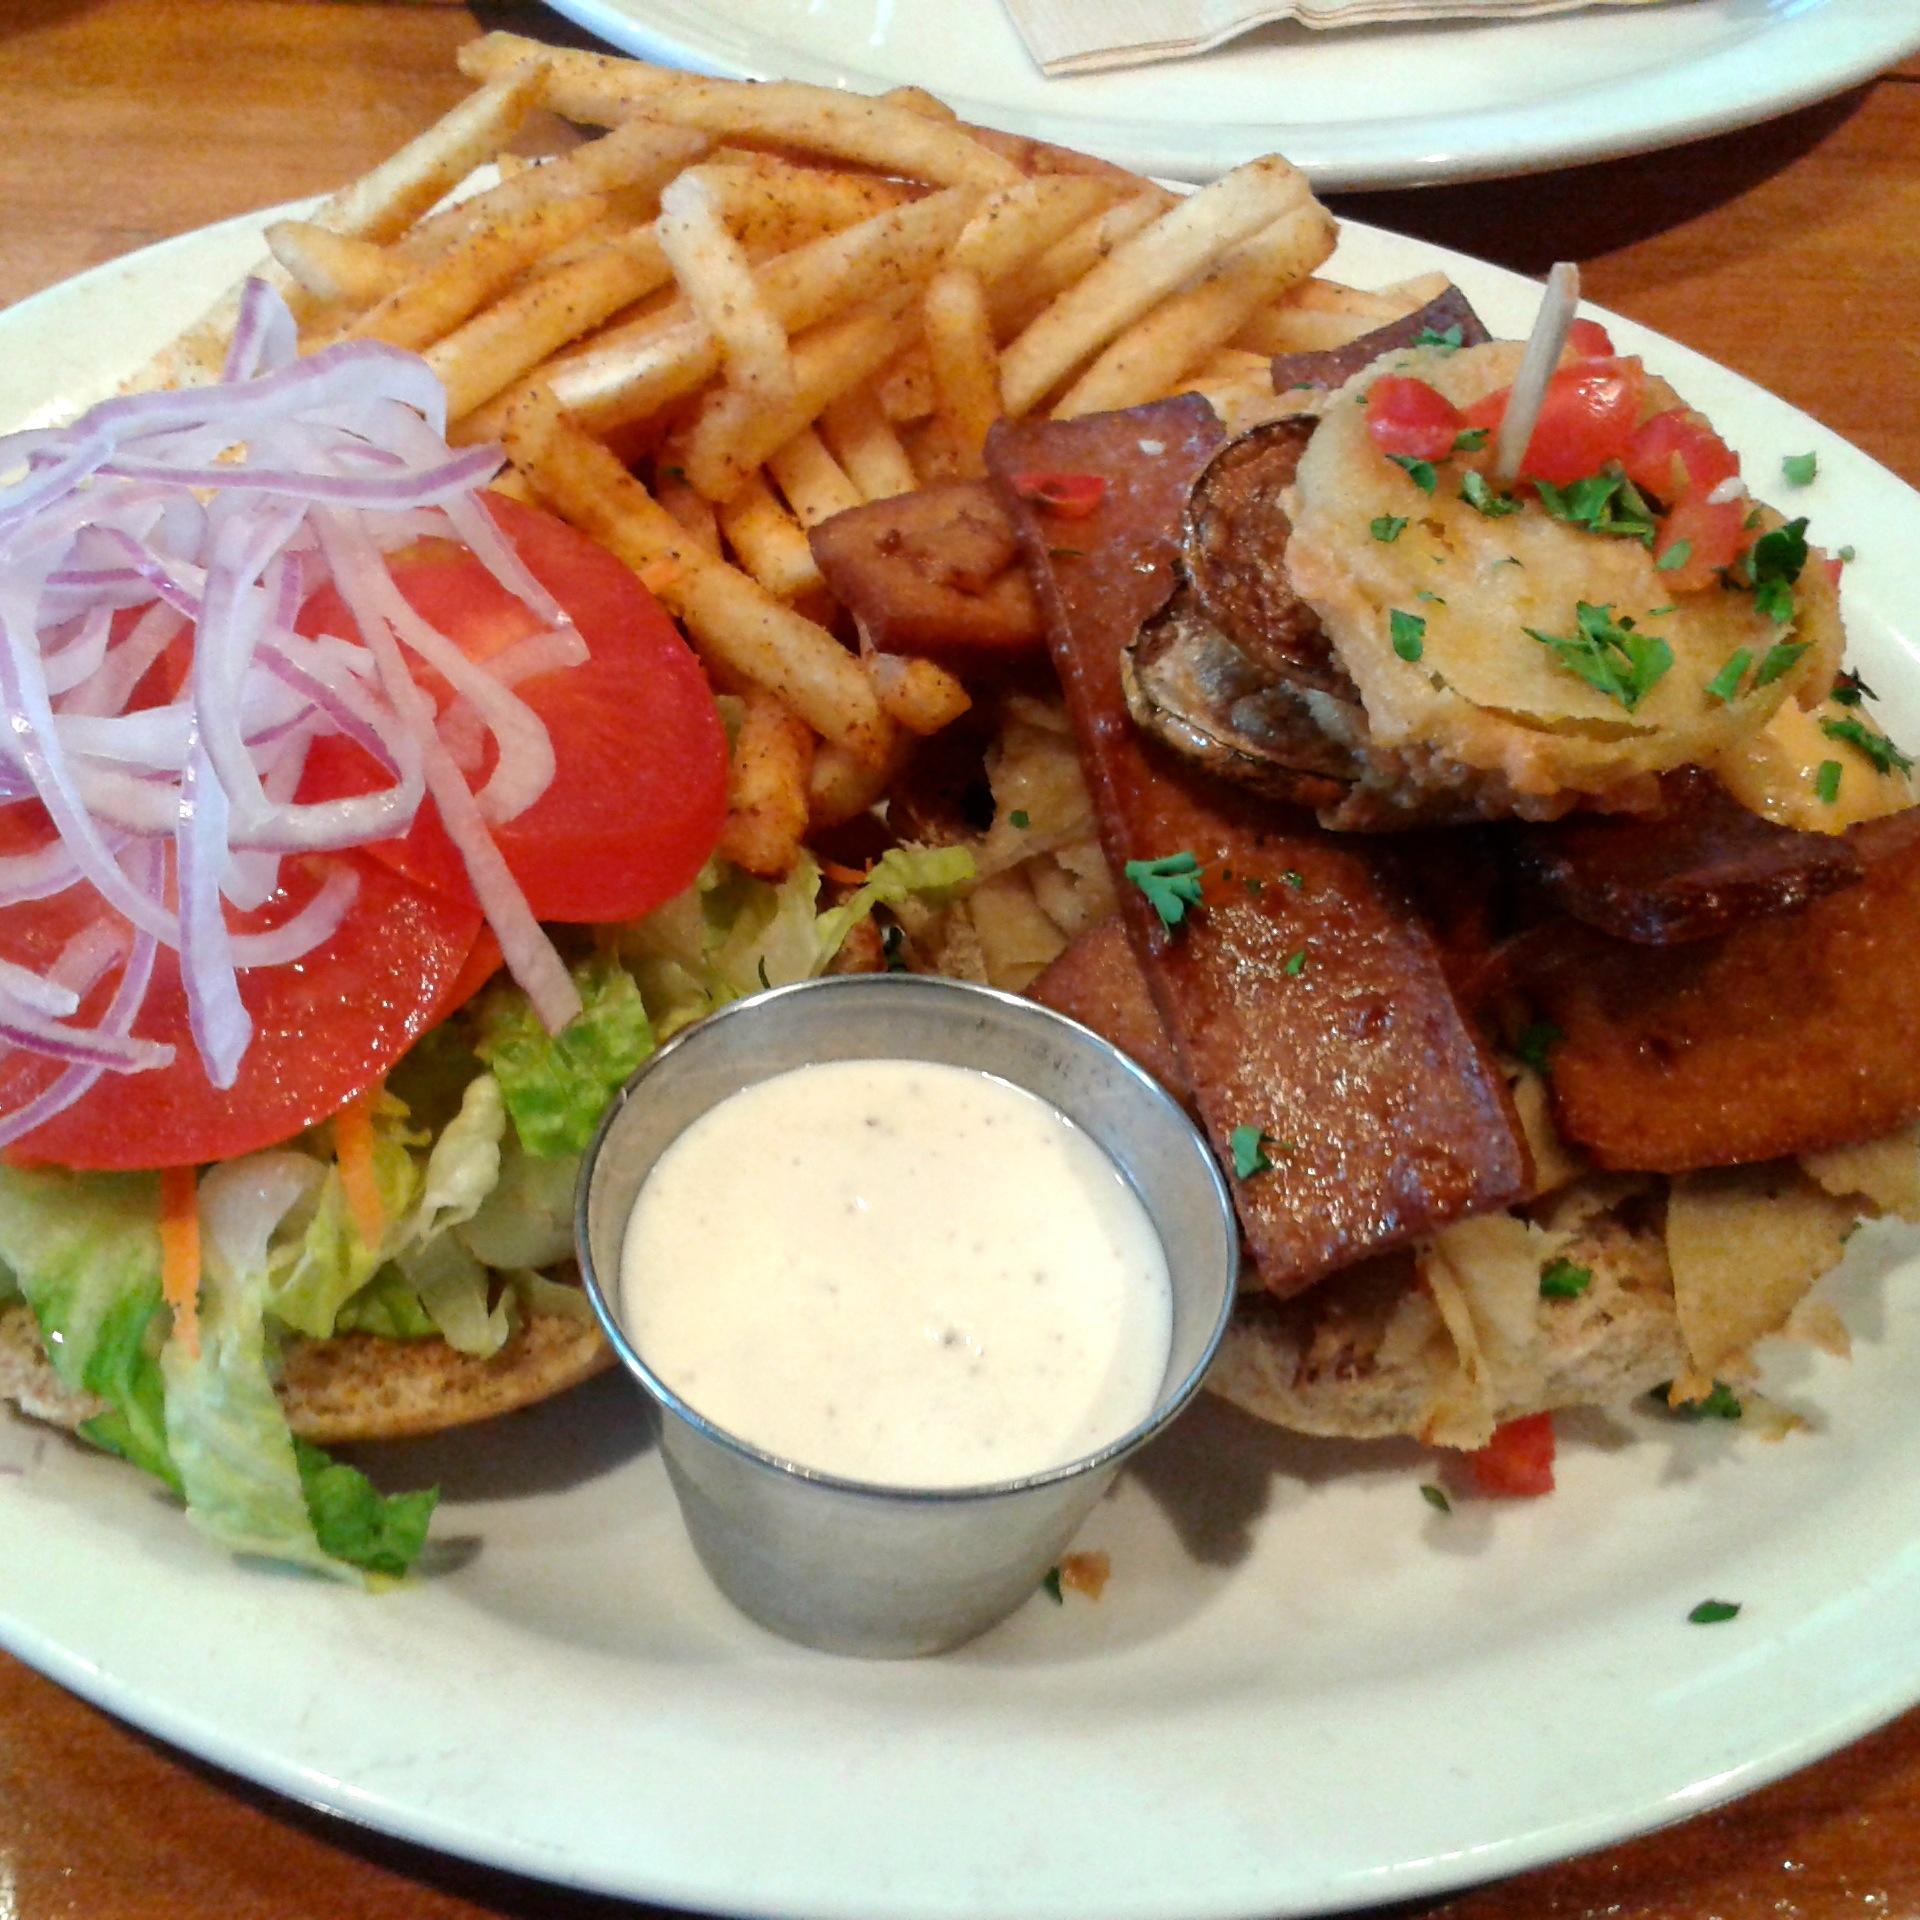 I adore this burger